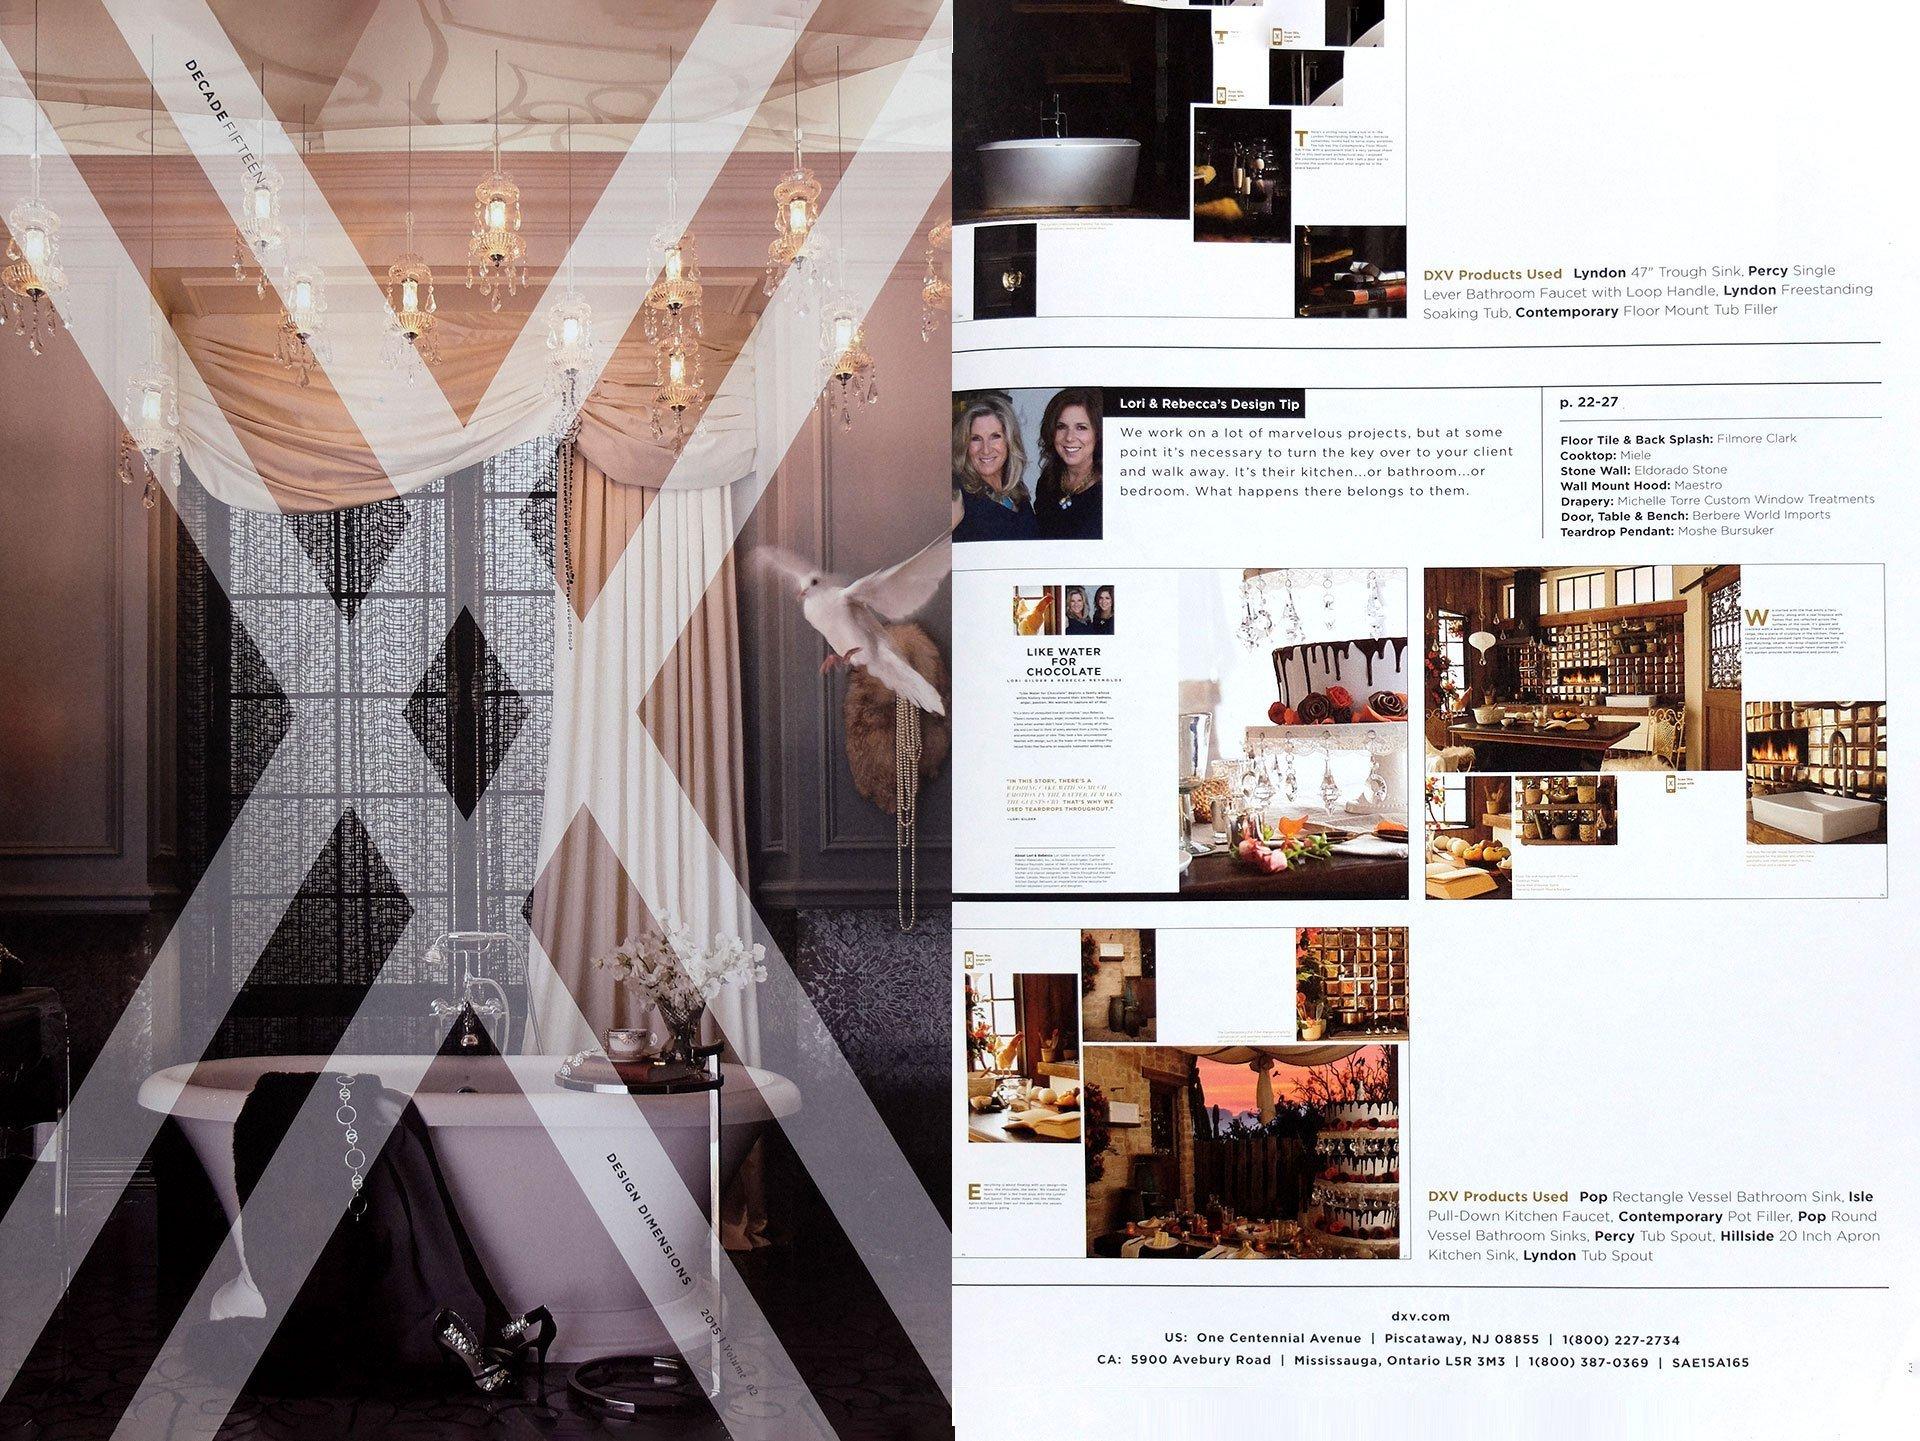 2015 DXV Designer Vignettes inside